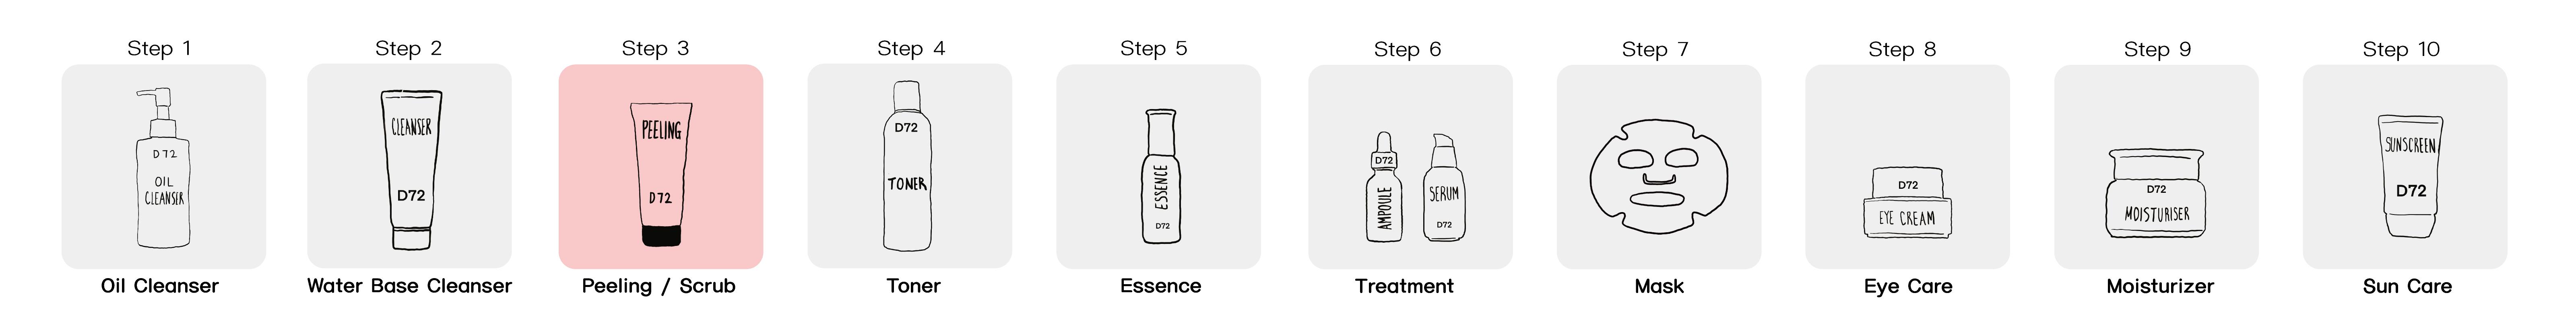 step3-peeling.jpg